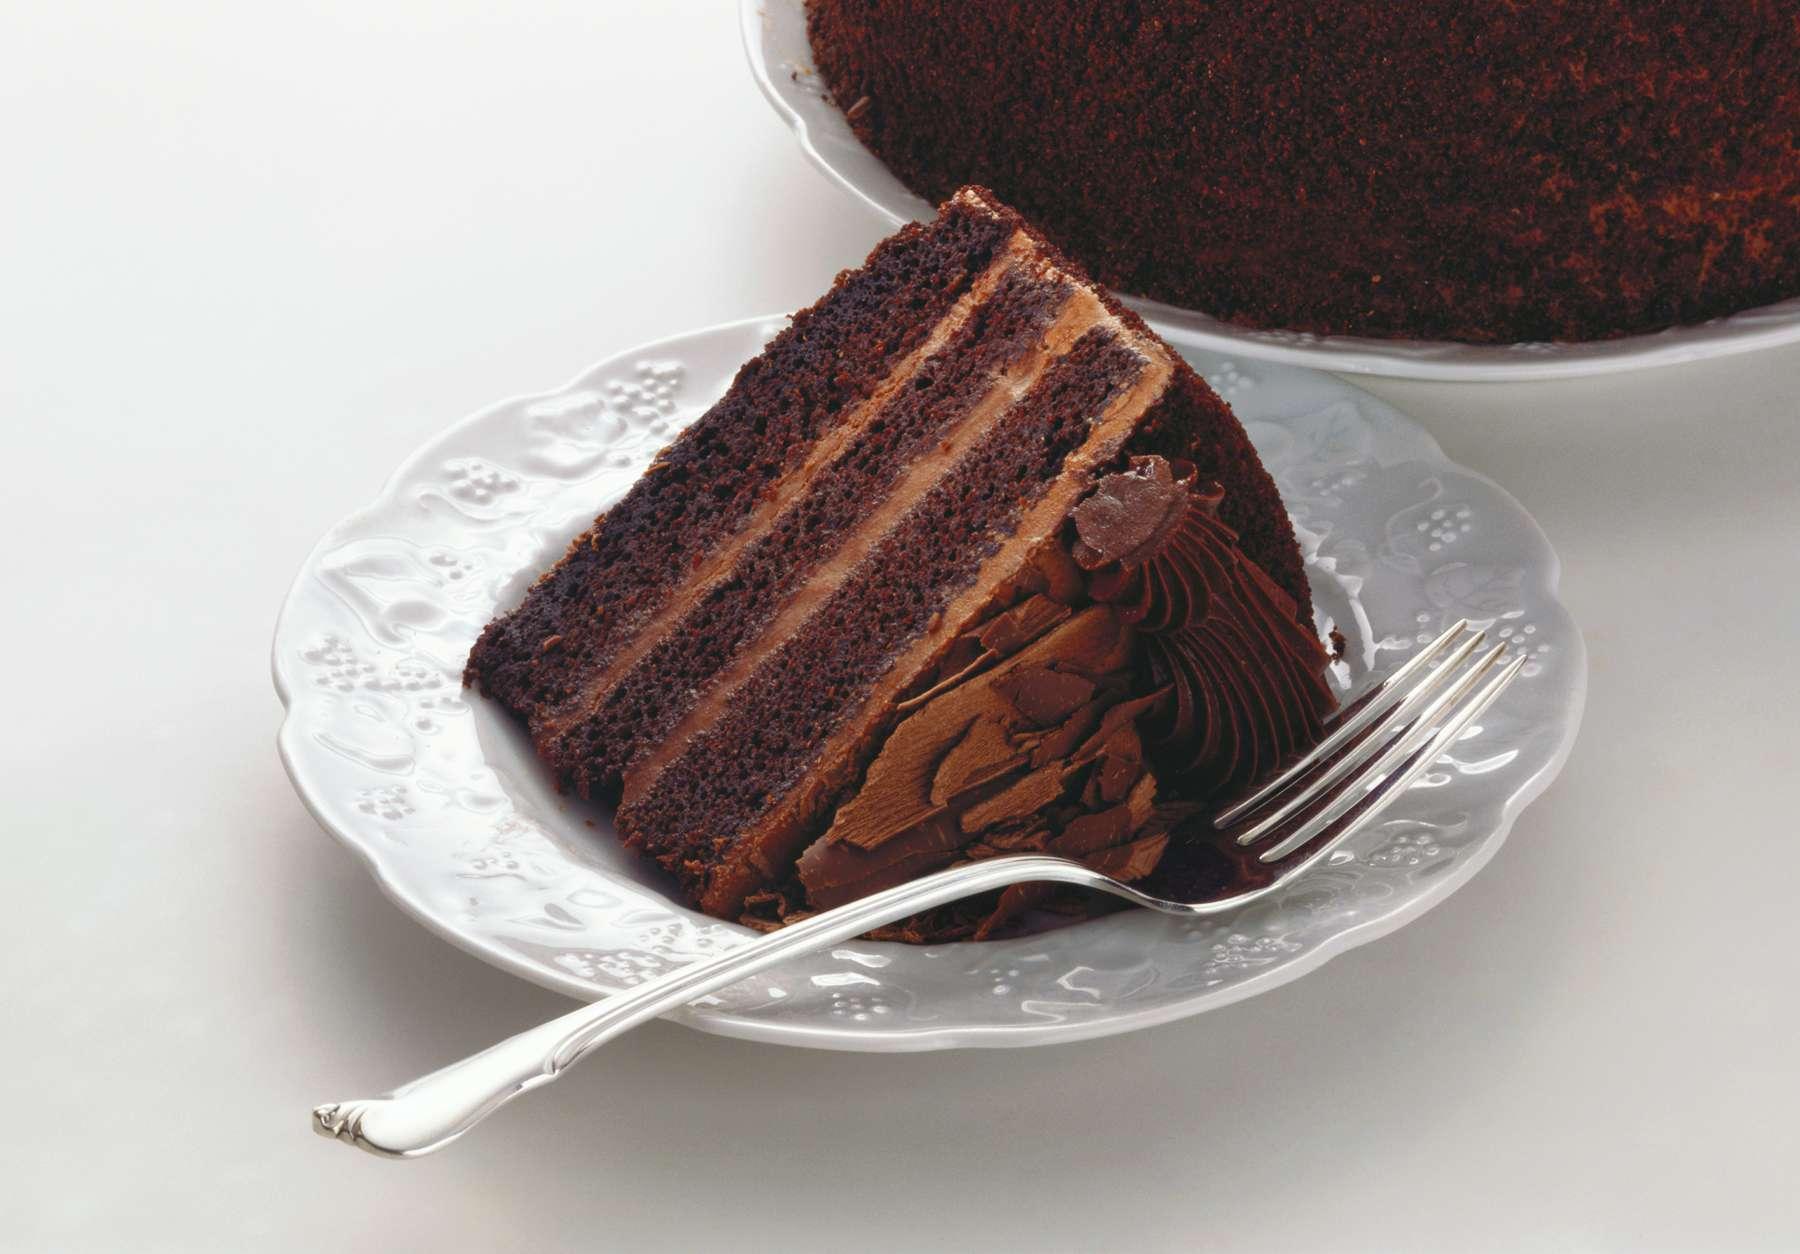 chocolate 3 layer cake